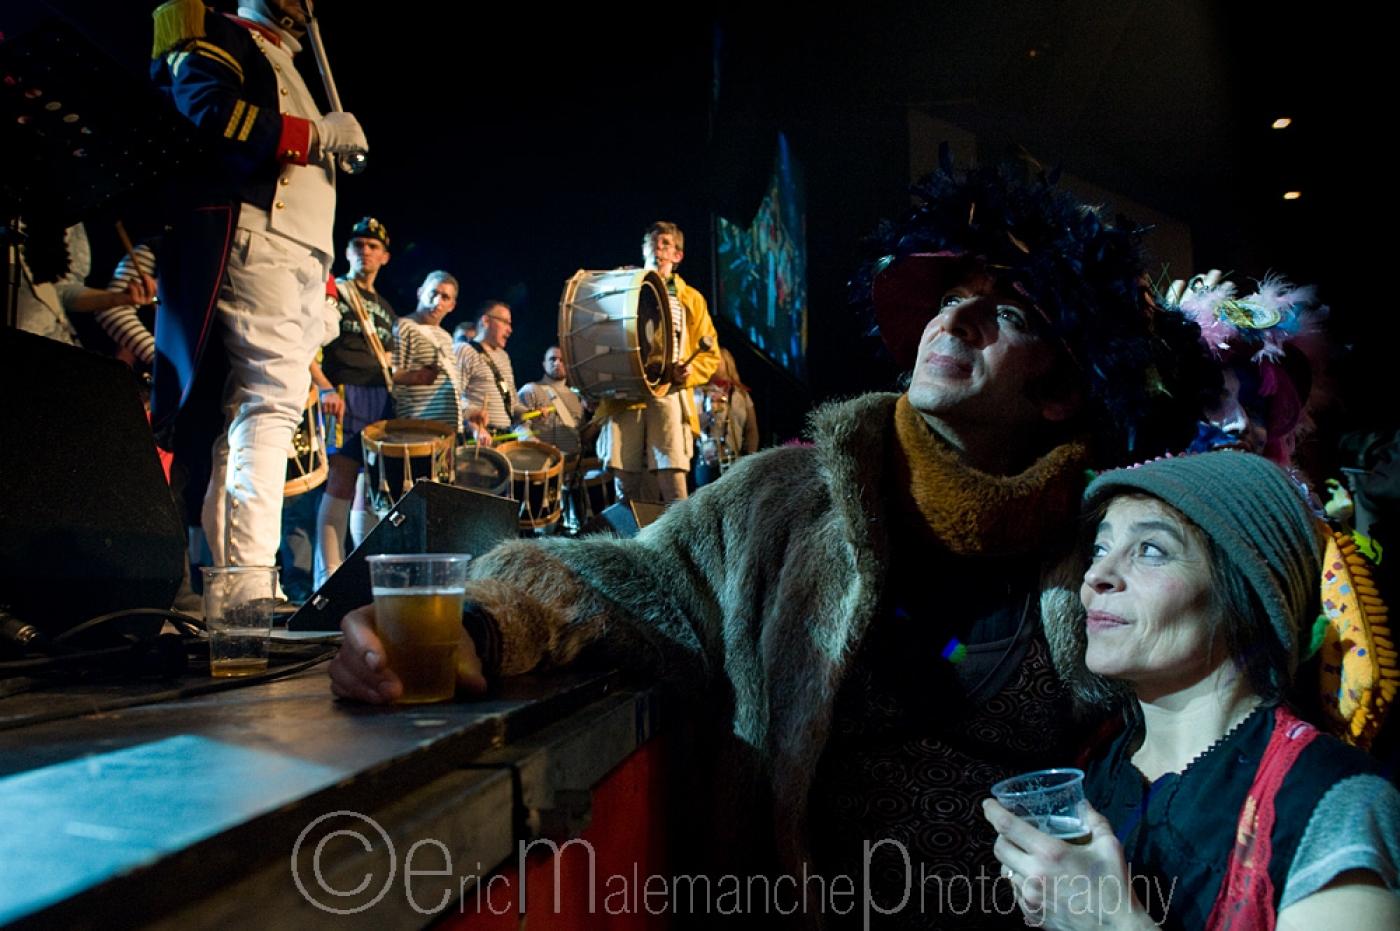 https://www.ericmalemanche.com/imagess/topics/carnaval-de-dunkerque/liste/Carnaval-Dunkerque-0894.jpg